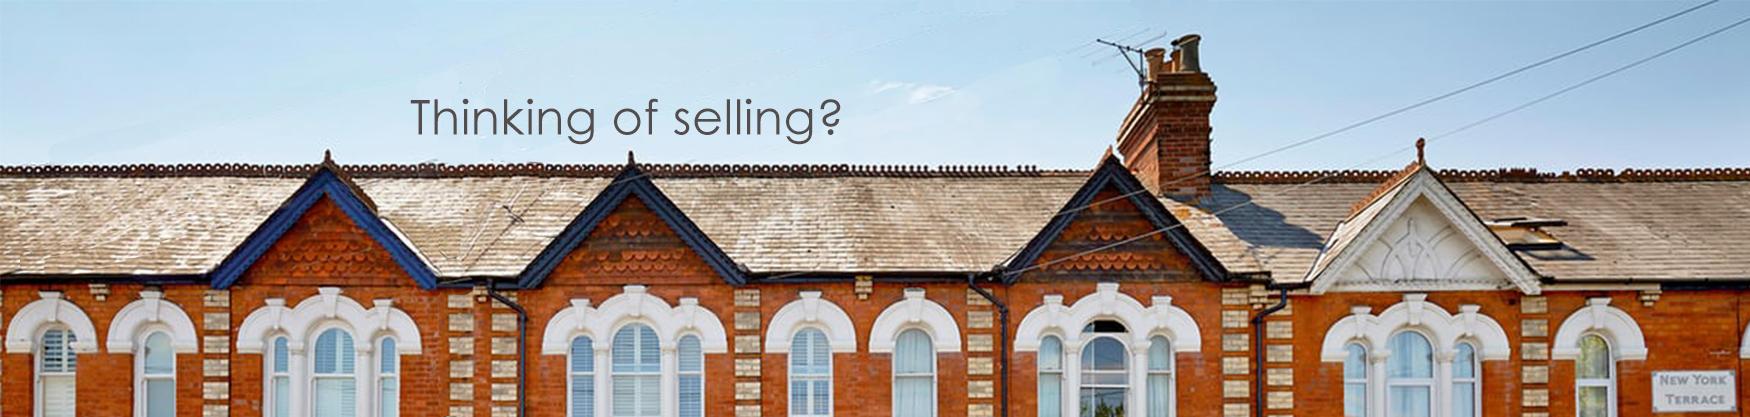 estate agents in farnborough